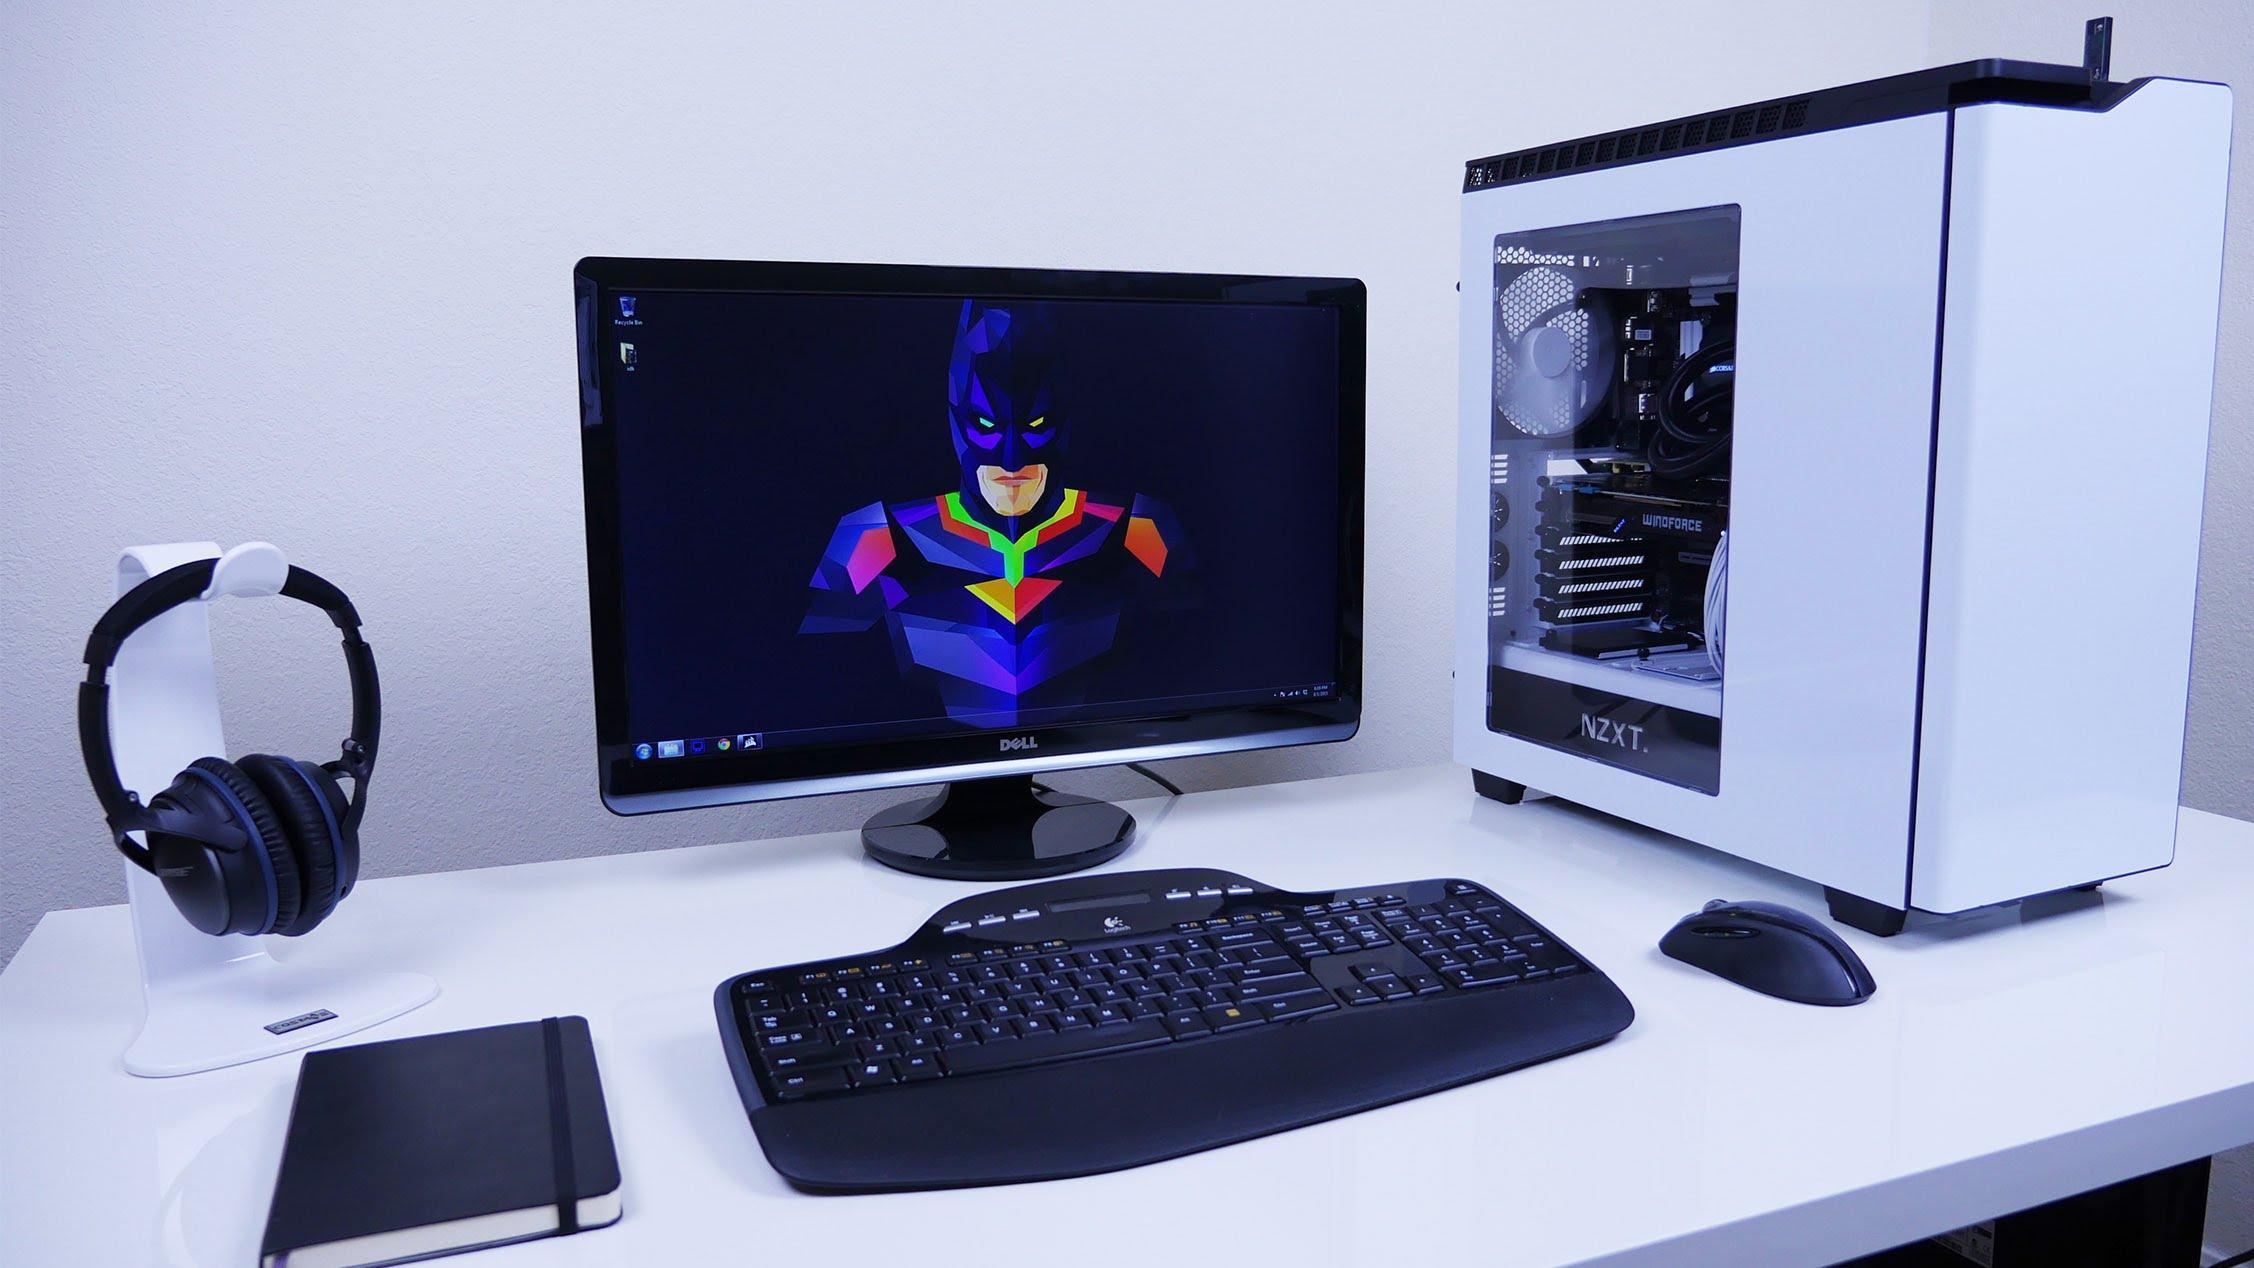 Купили новый компьютер: что делать дальше?